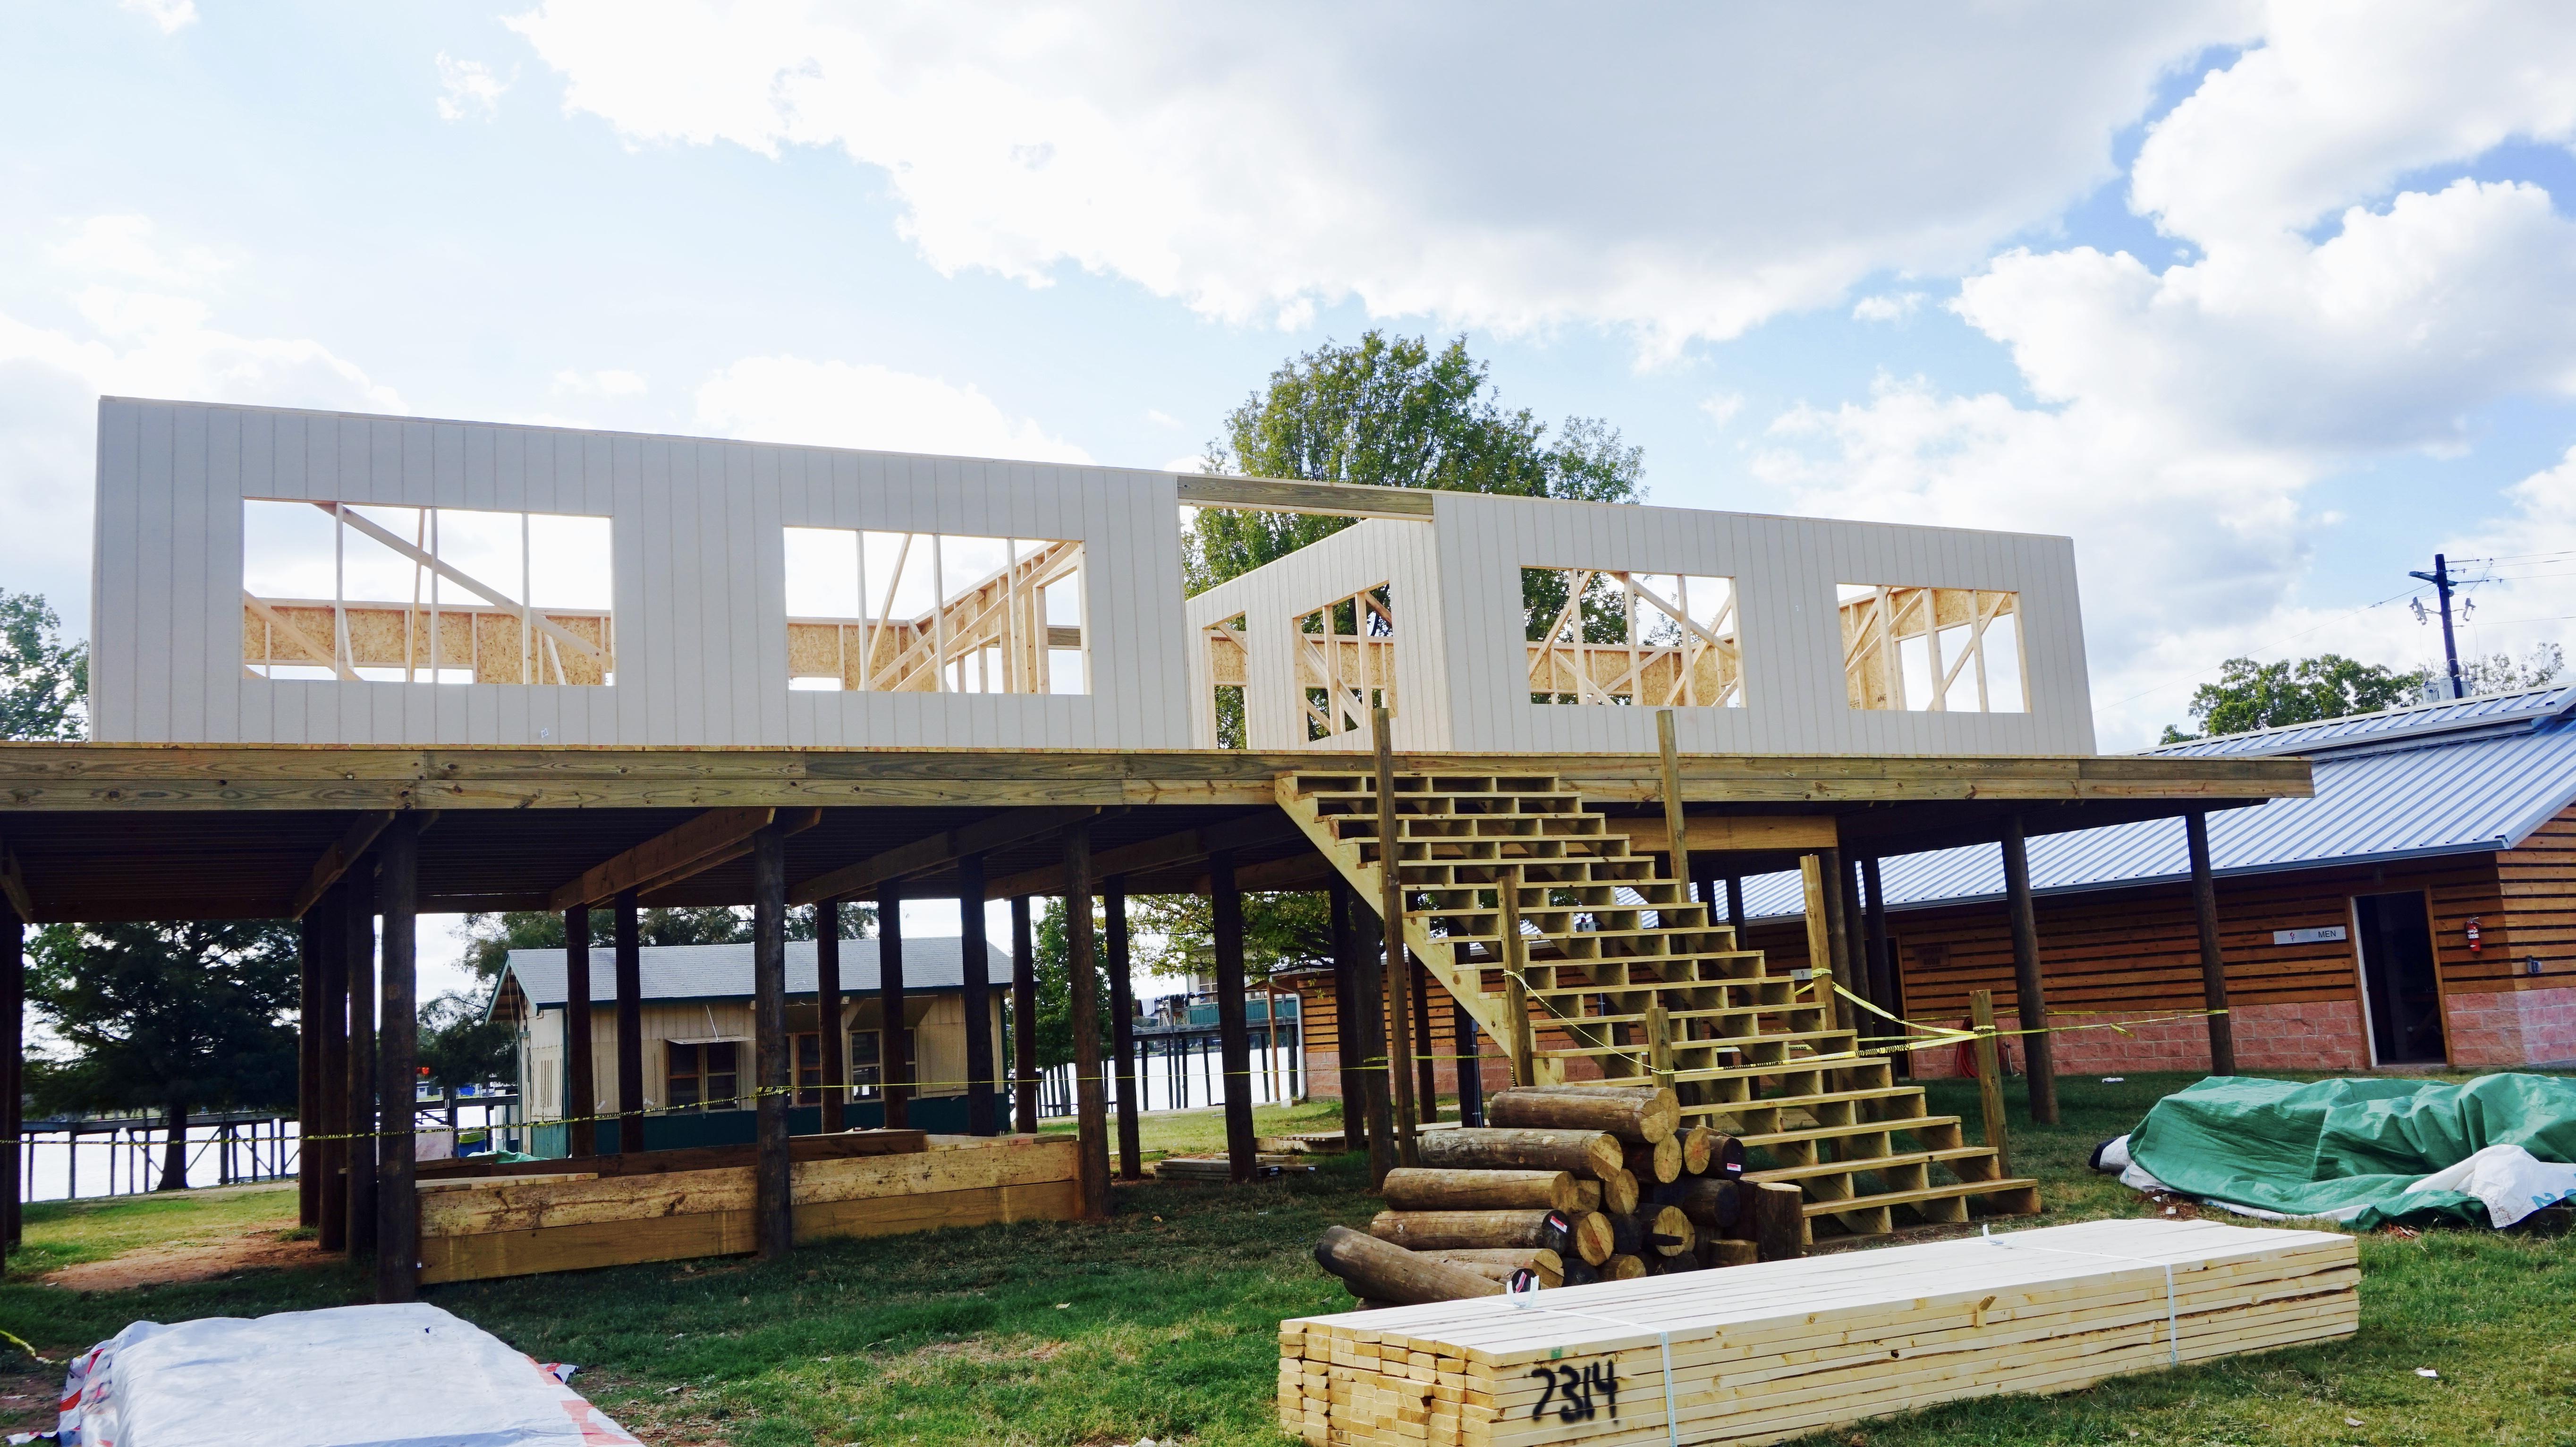 Lettermen cabins under construction, Oct. 2016